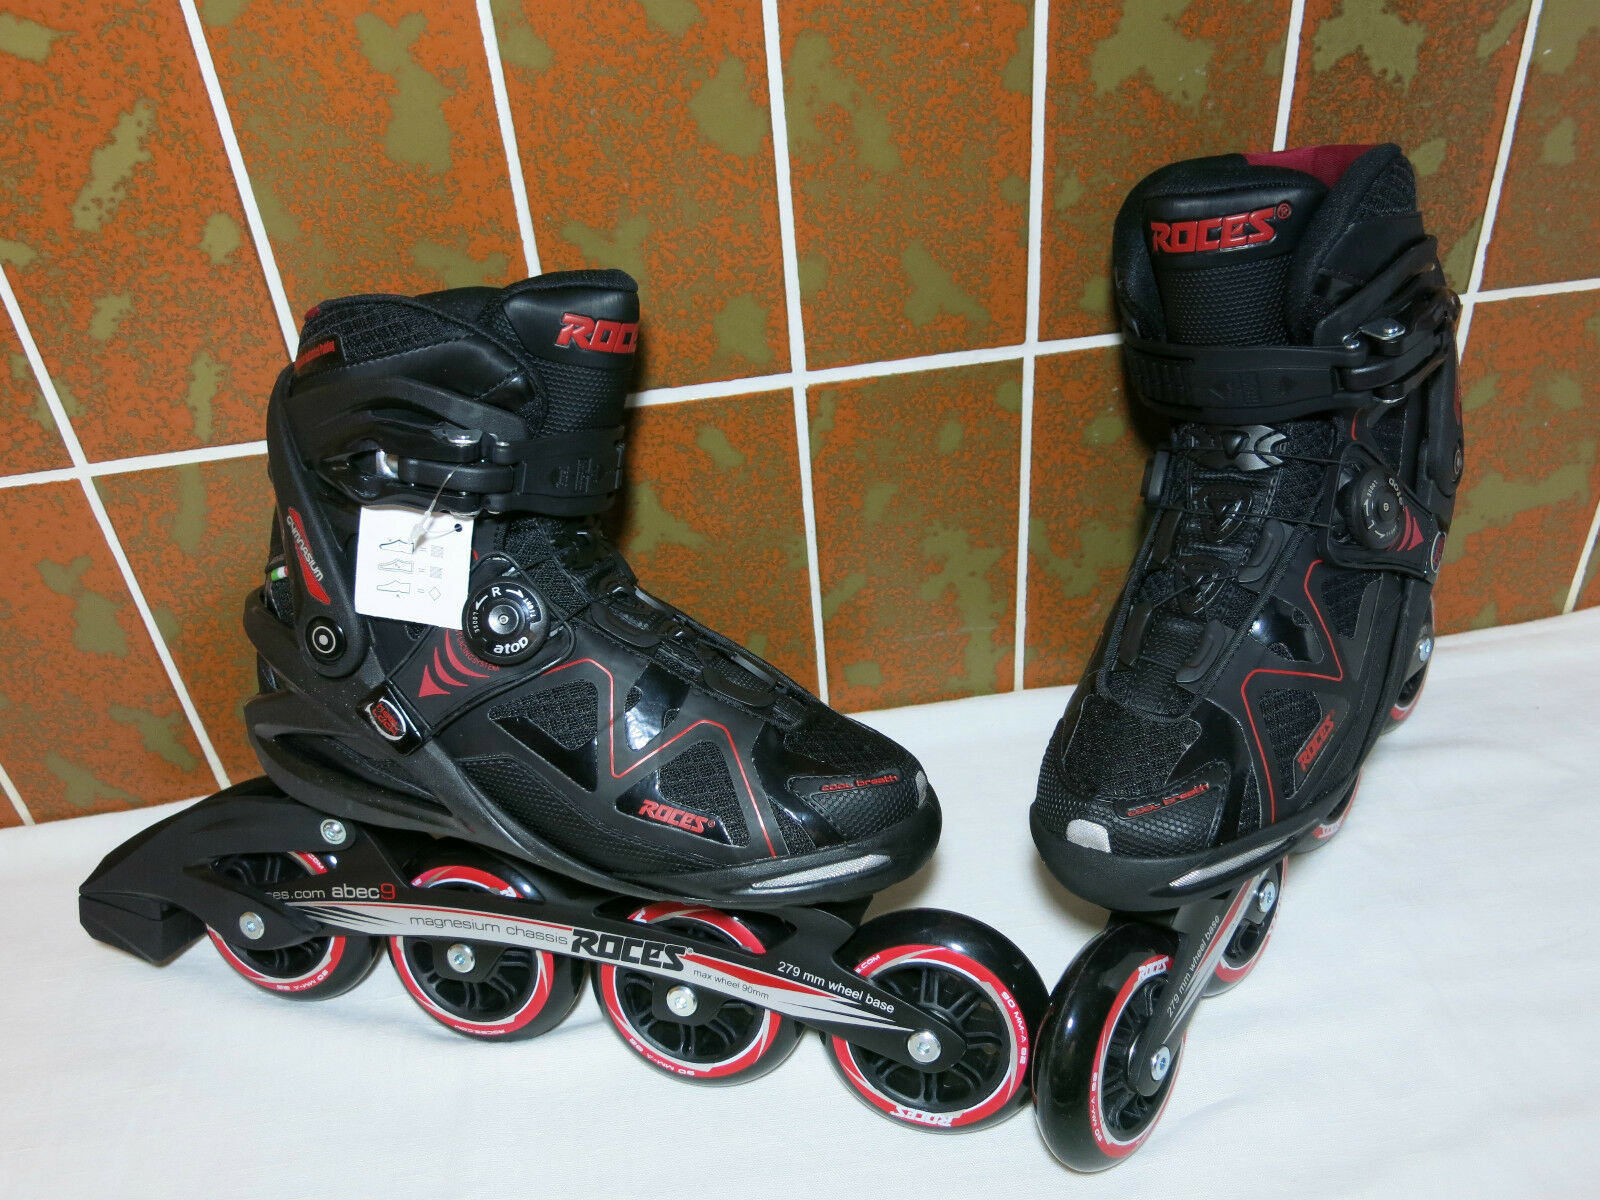 90mm BOA SUPER Inliner Skates von Roces Gr 40 Rollerblade Rollerblade Rollerblade k2 fila NEU  NP 189 90 a68546